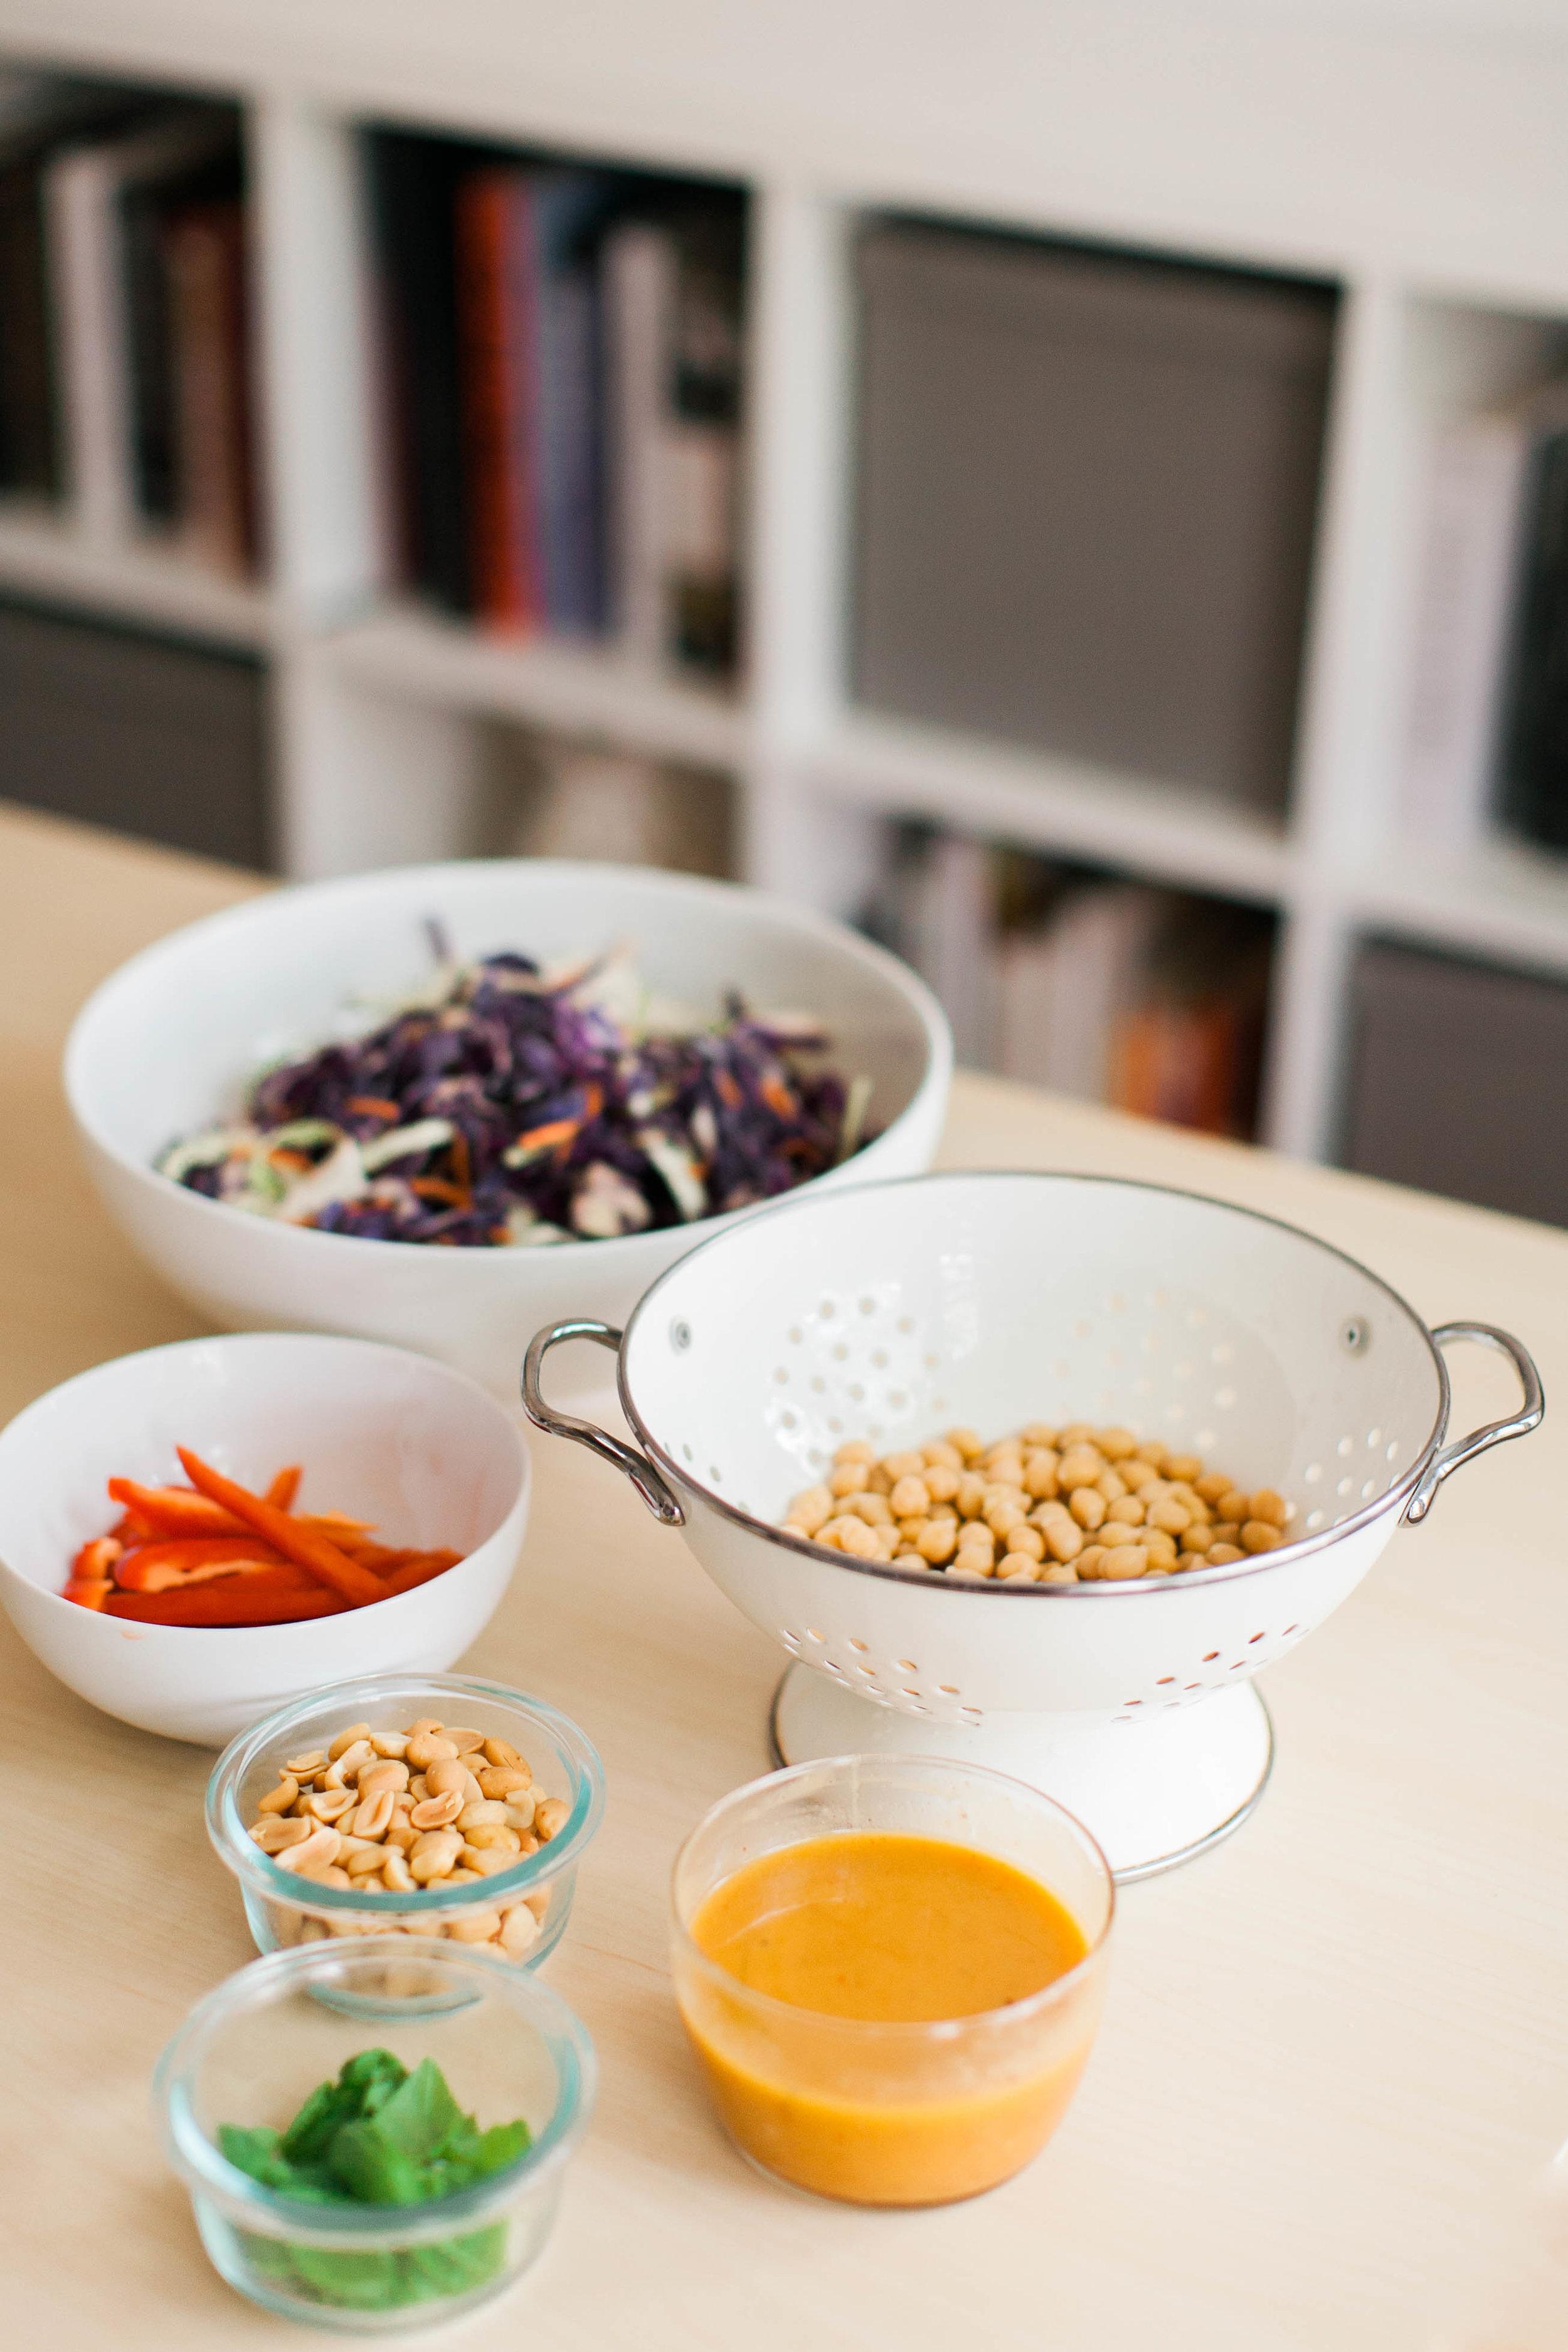 jennahazelphotography-thai-peanut-salad-with-chickpeas-0679.jpg